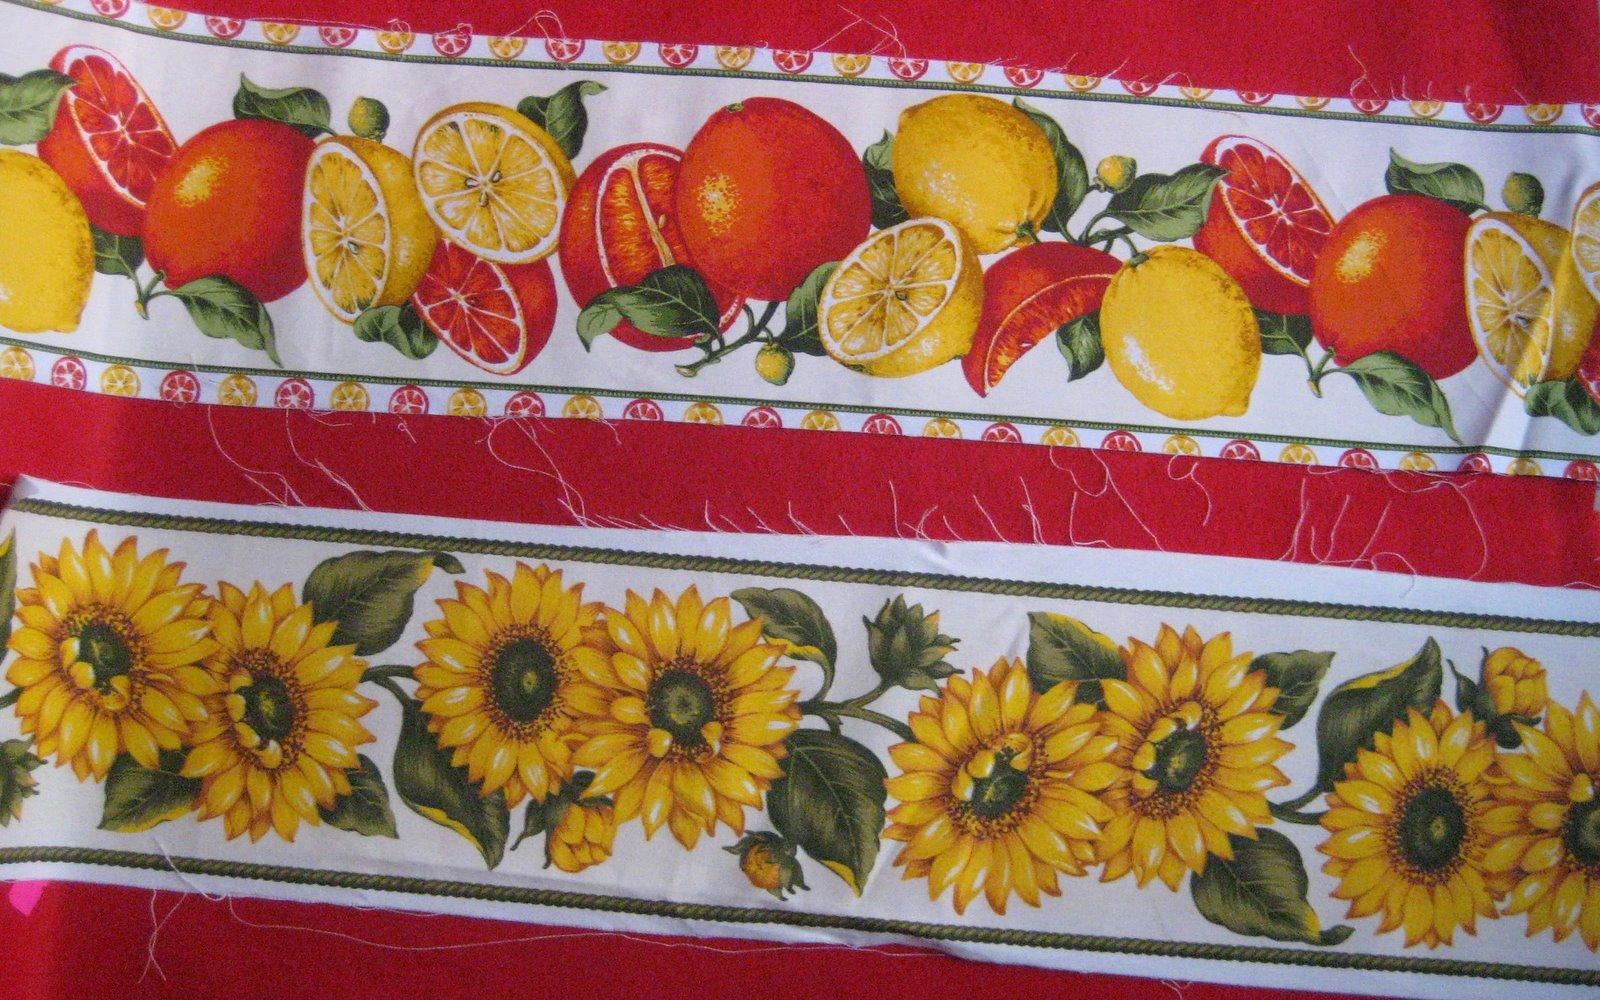 La libellula creativa offertissima fasce tessuto letorri for Greche decorative per cucina